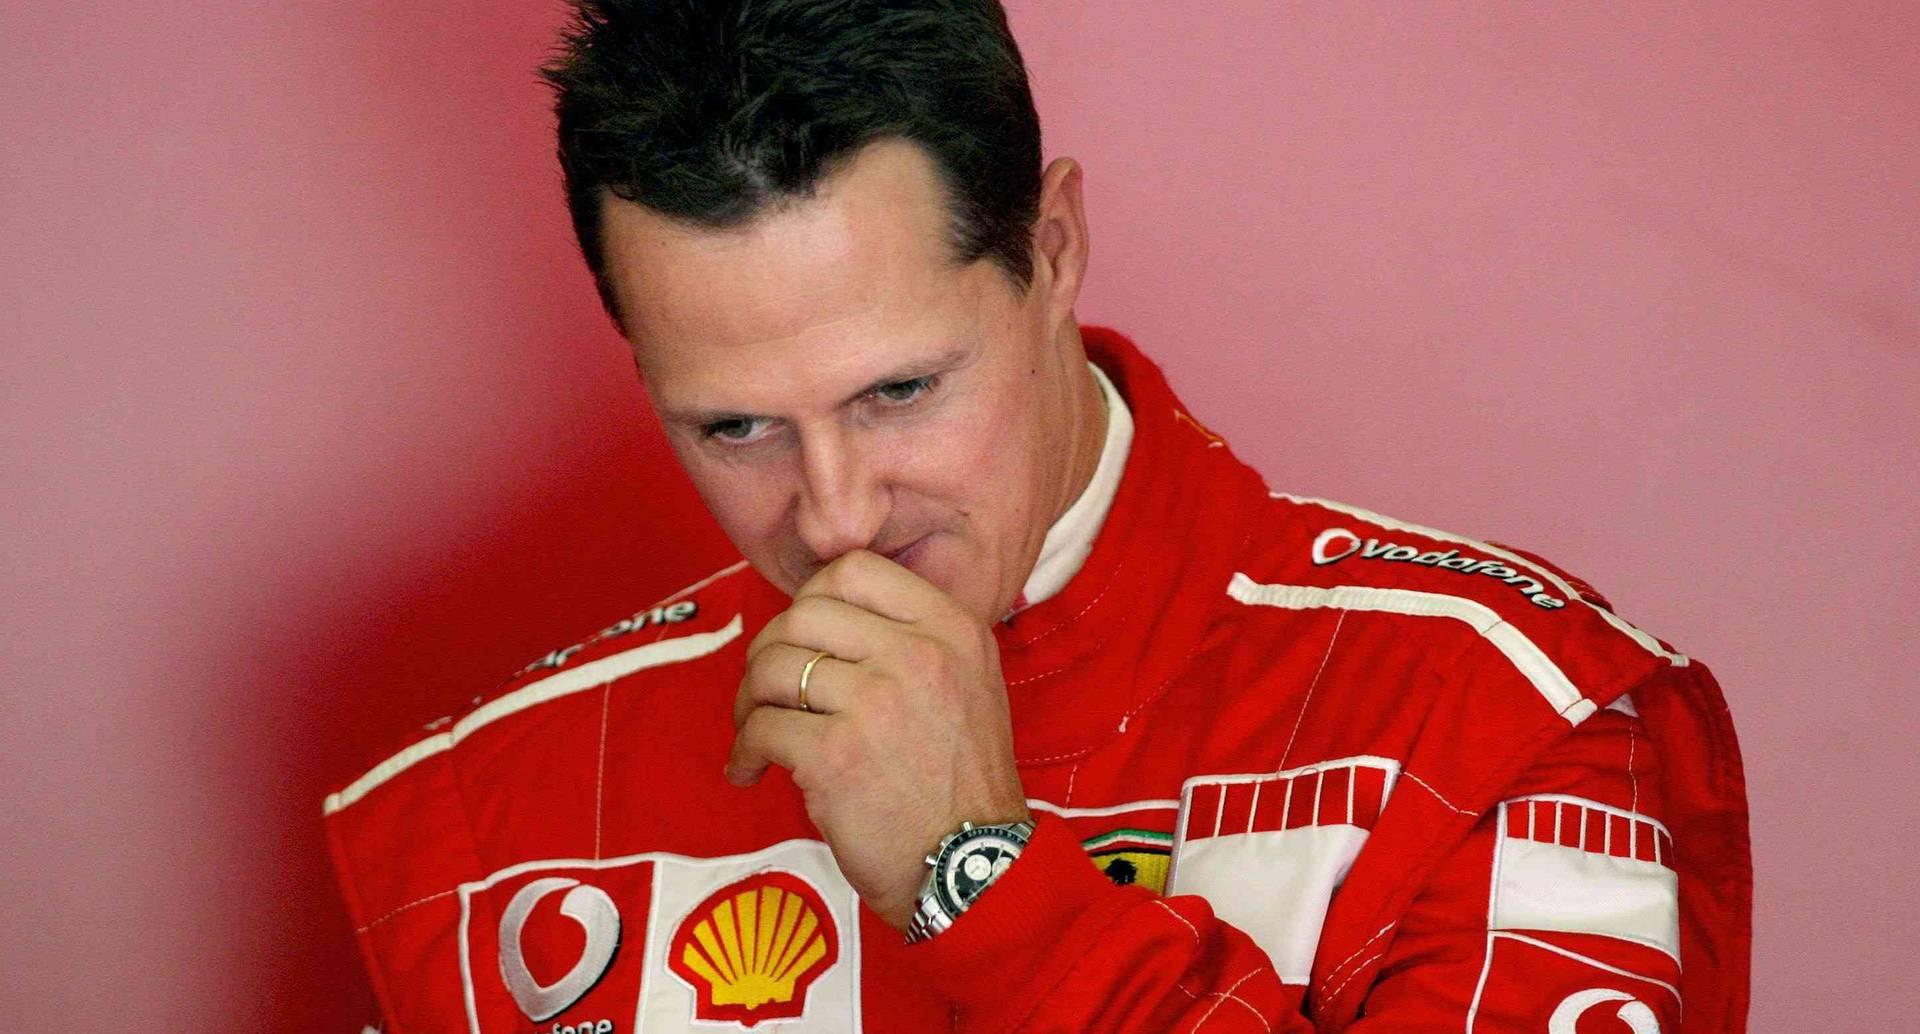 Michael Schumacher: las duras secuelas que le dejó el accidente en esquí